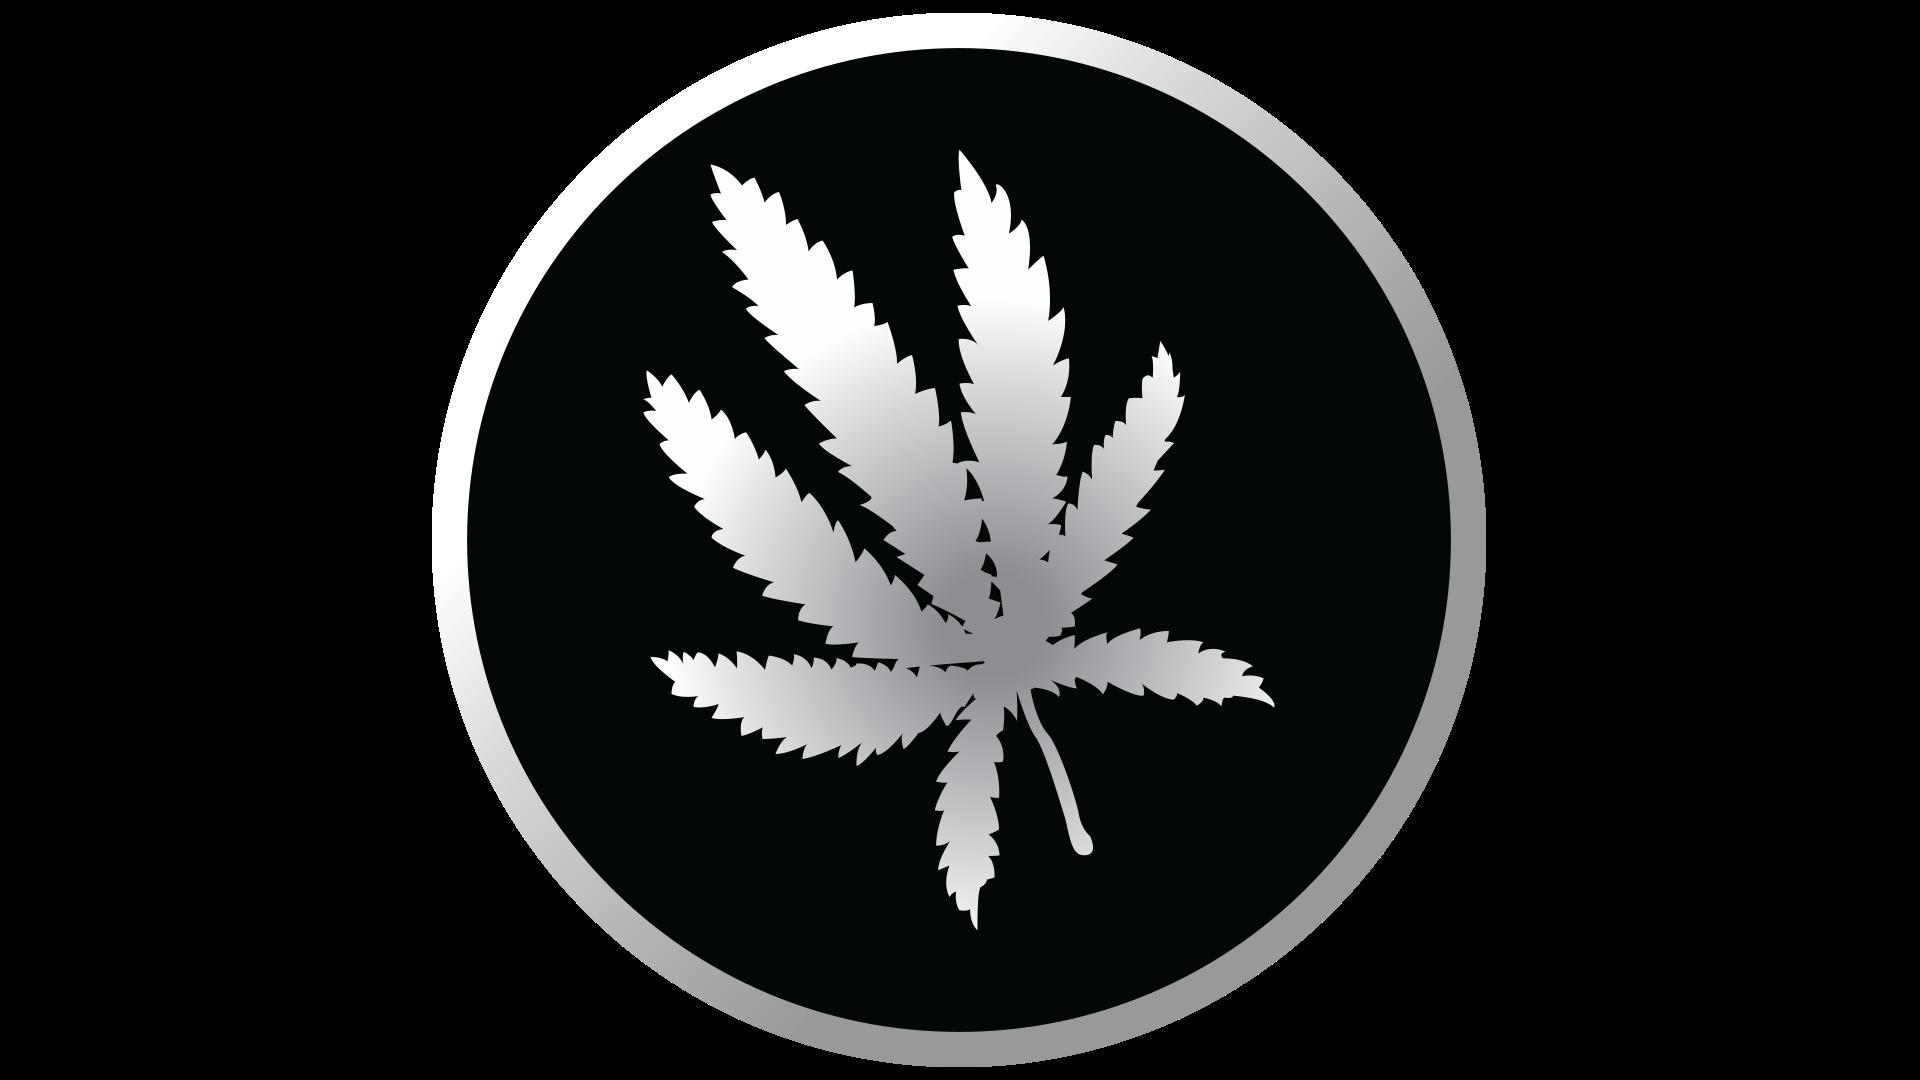 Plik:Every Herb Bearing Seed.png